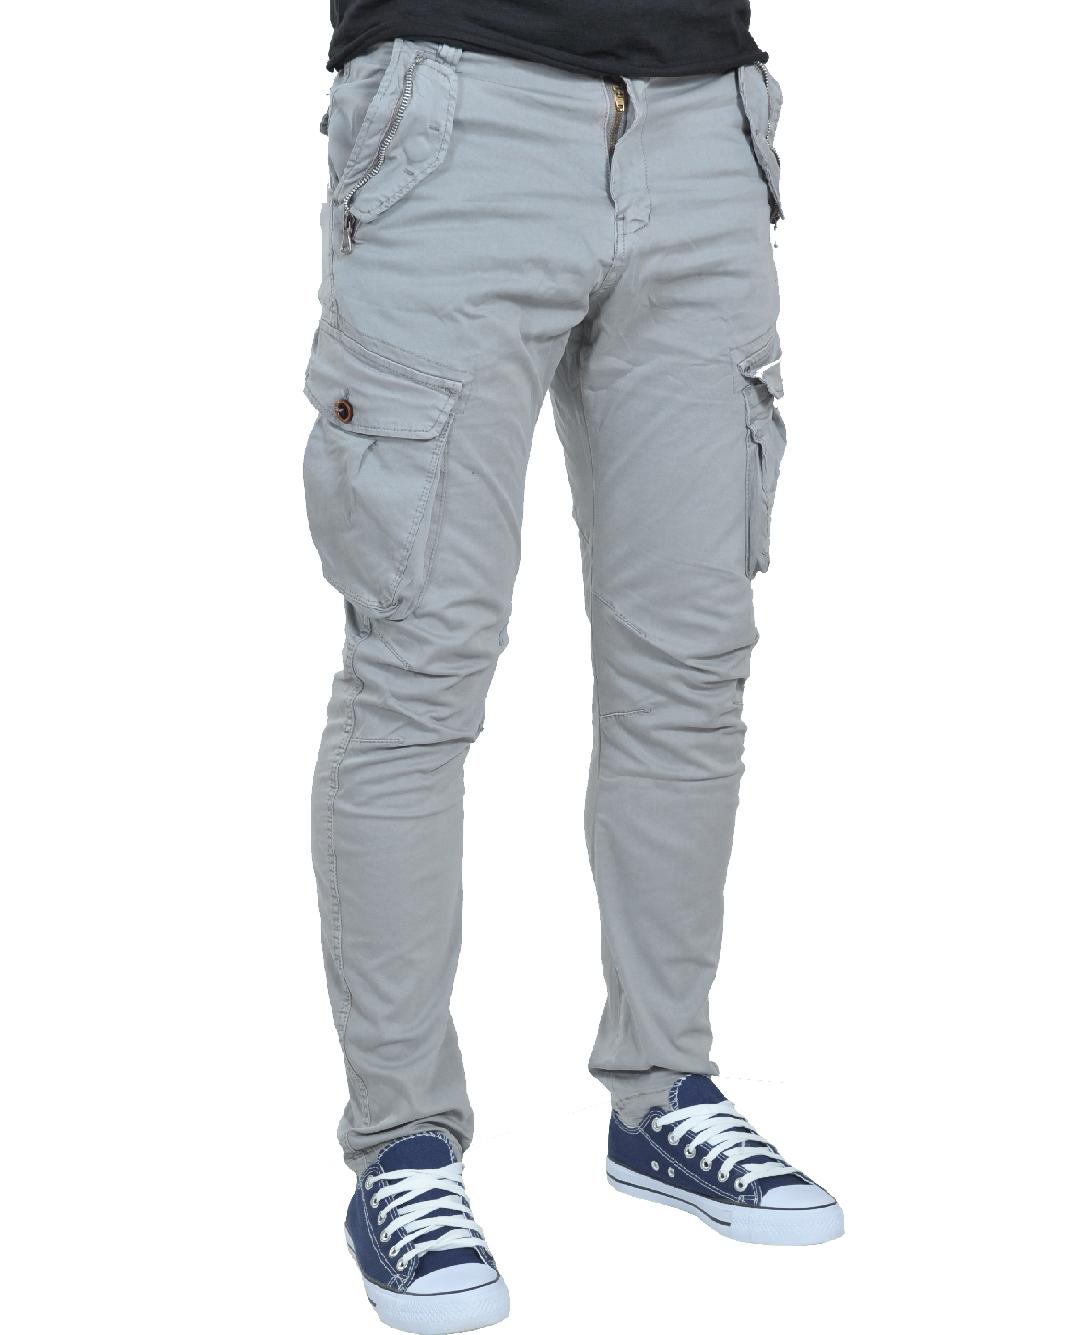 Ανδρικό Chino Παντελόνι Cargo Beige-Γκρι αρχική ανδρικά ρούχα παντελόνια παντελόνια chinos